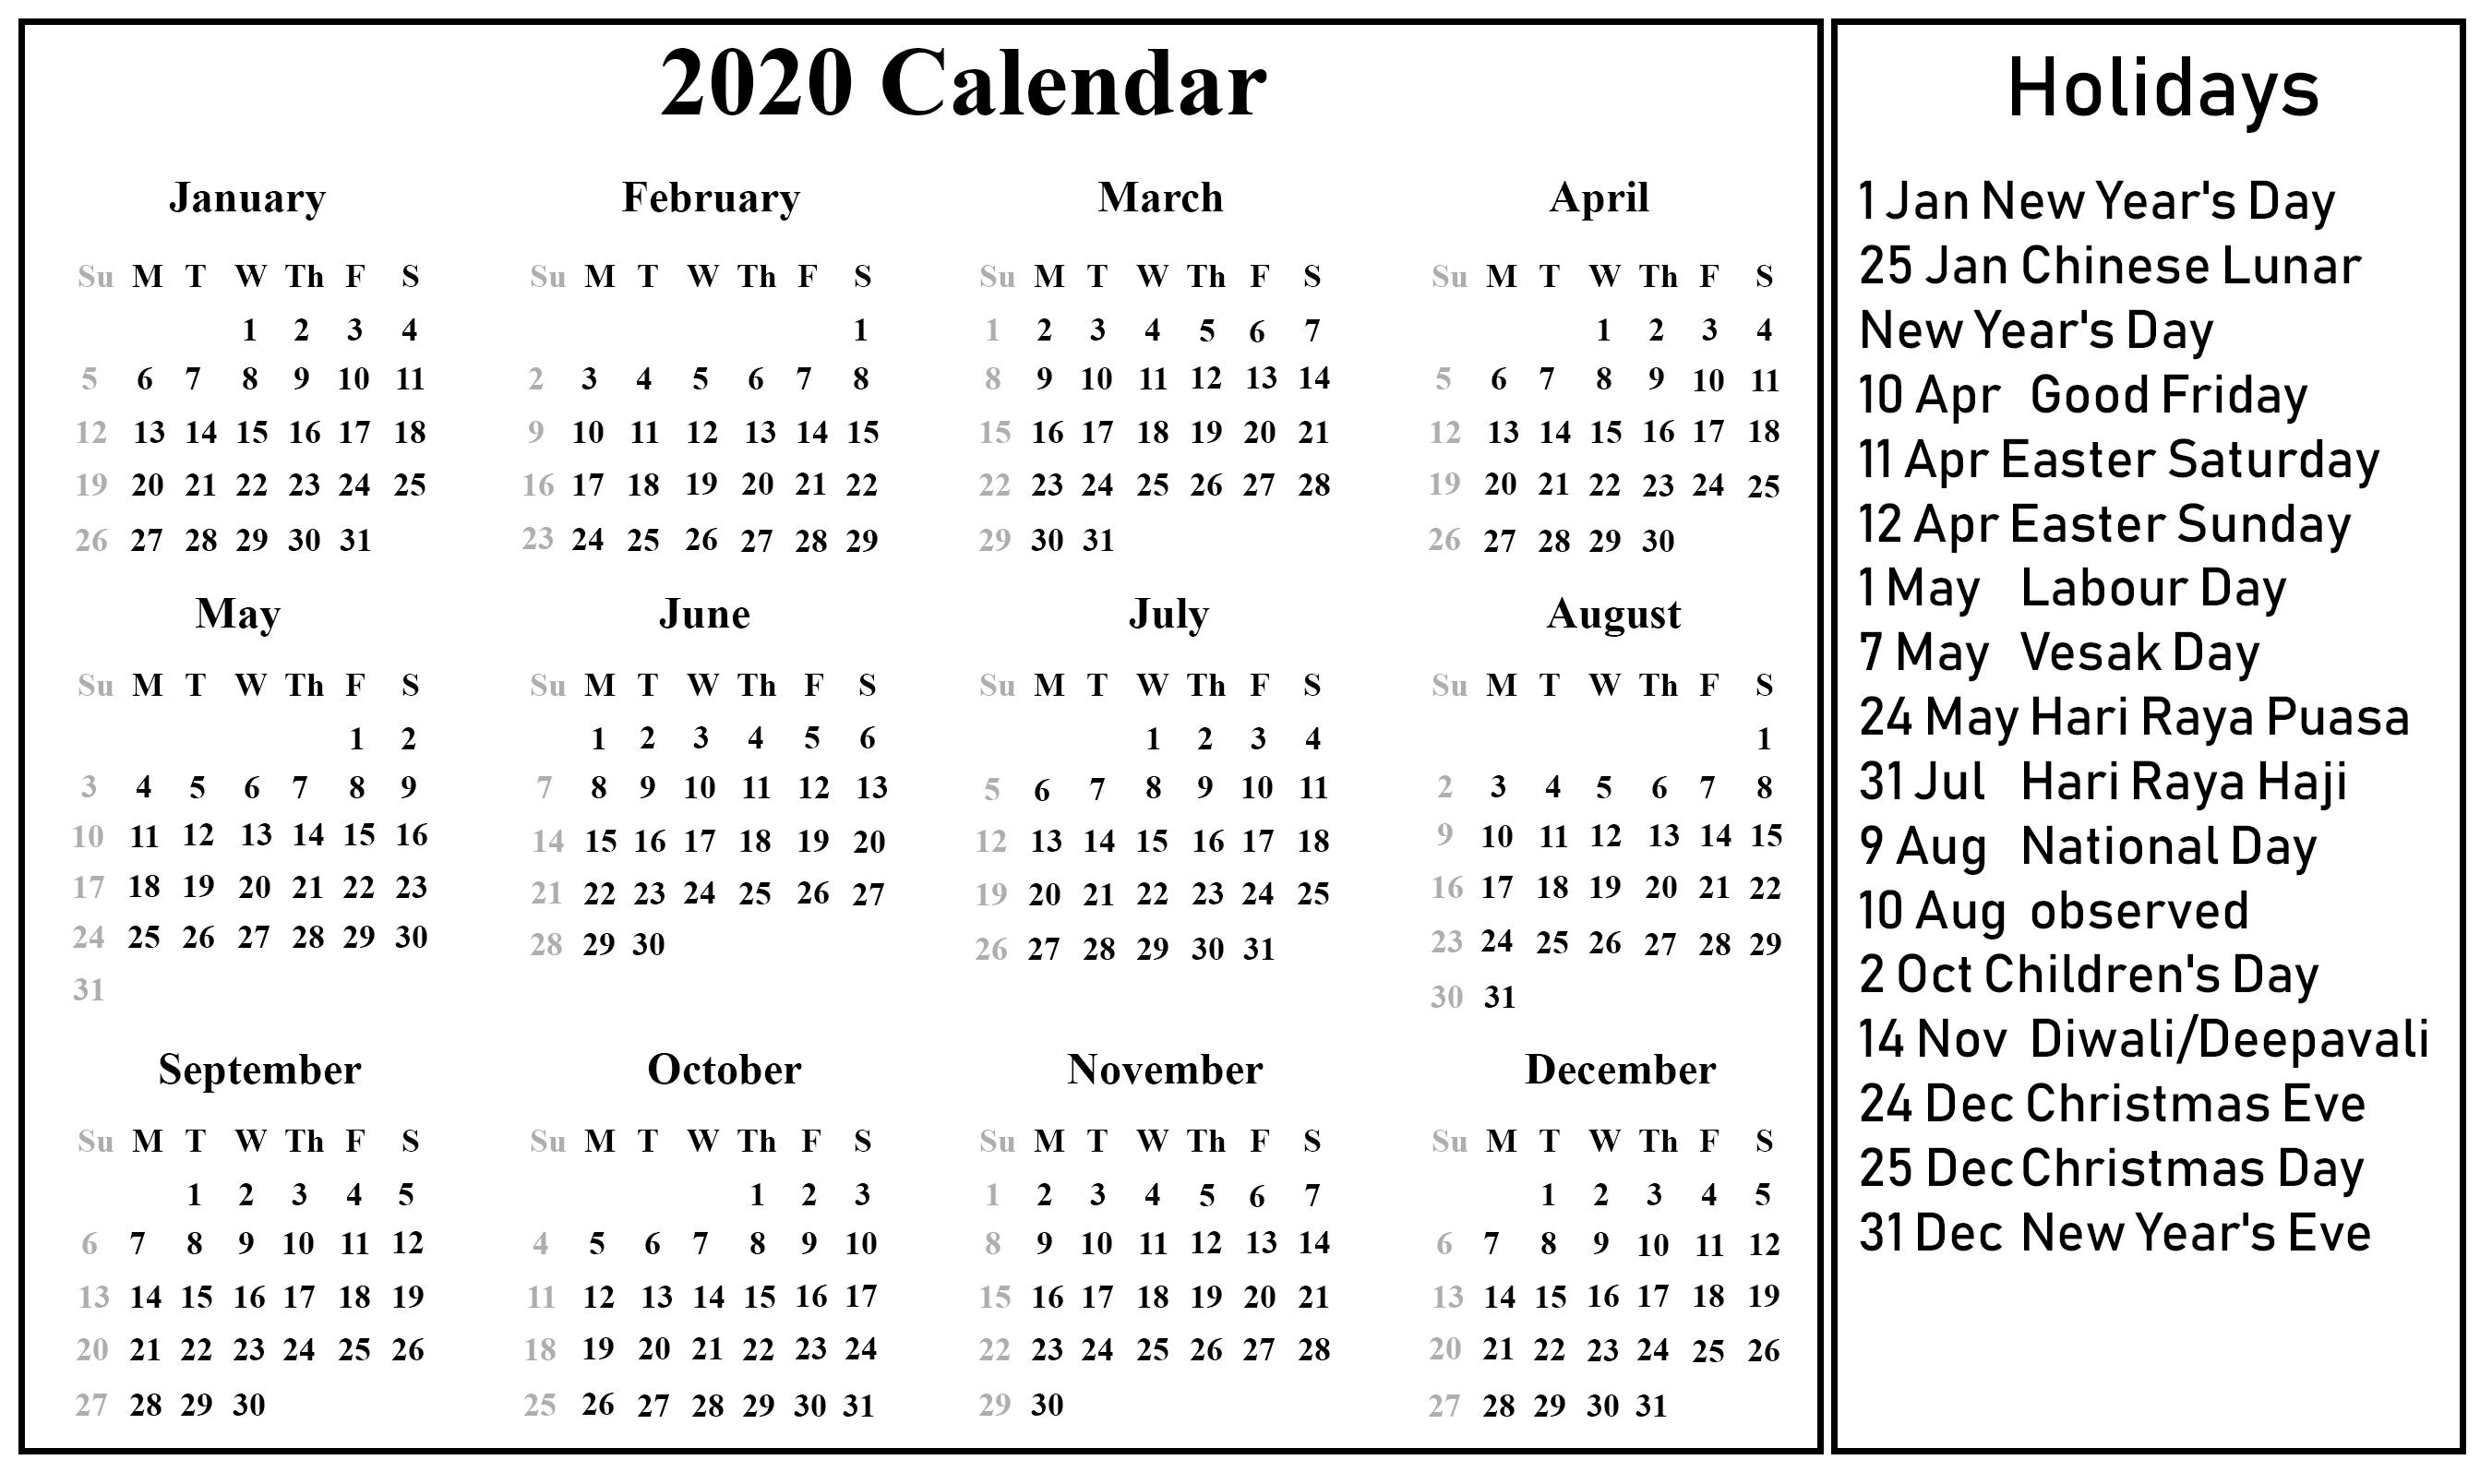 Singapore 2020 Printable Holidays Calendar | 2020 Calendars